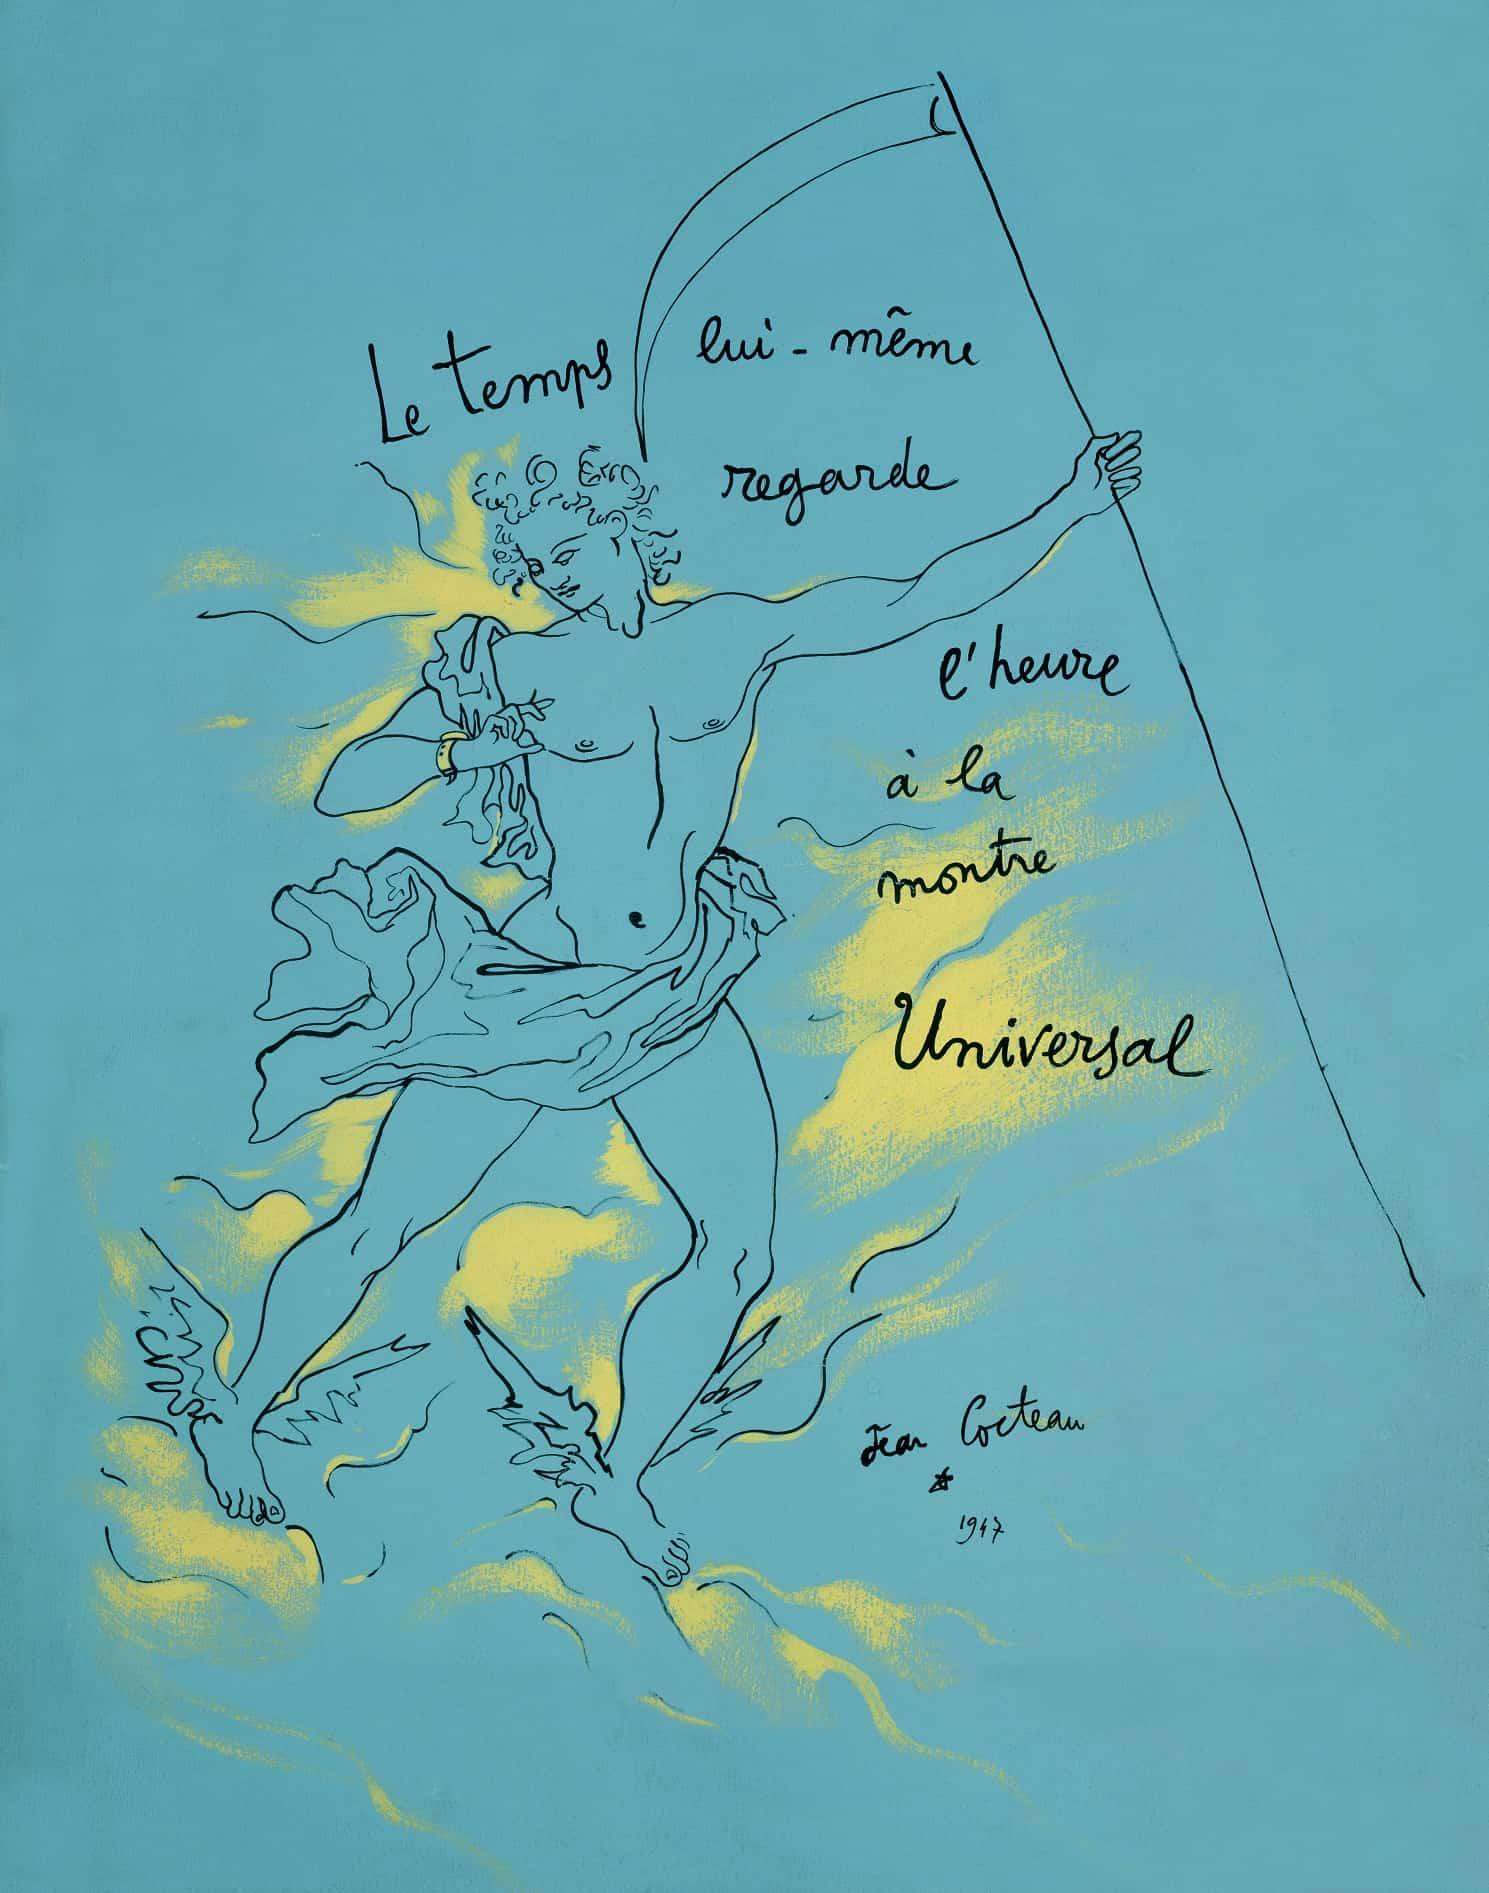 Historisches Werbemotiv von 1917 für Universal Künstler Jean Cocteau Poster